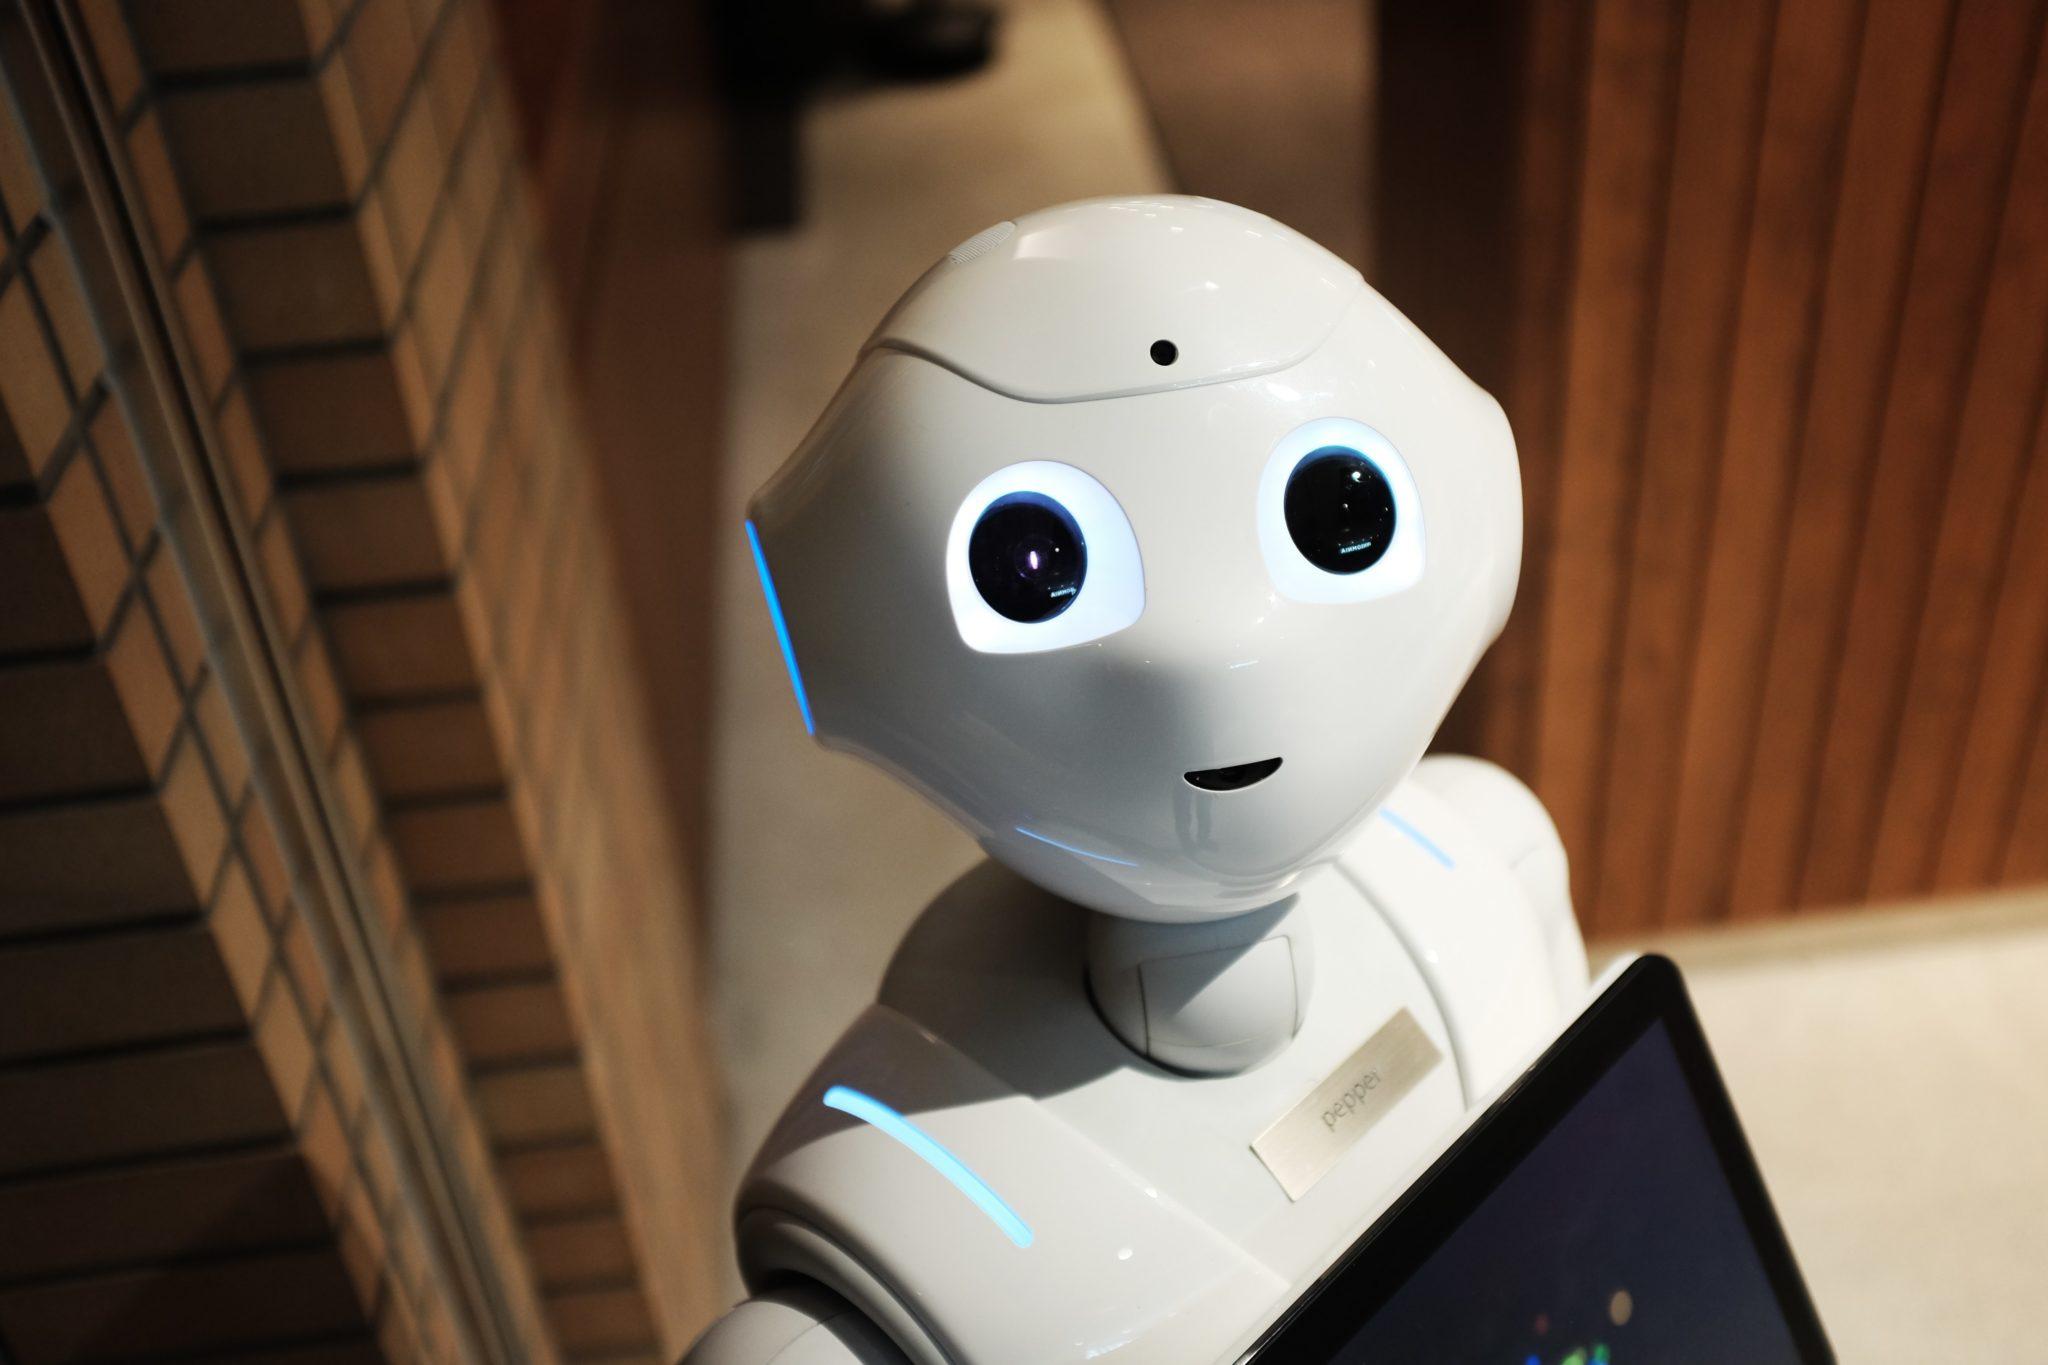 Czy powinniśmy wprowadzić prawa robotów?